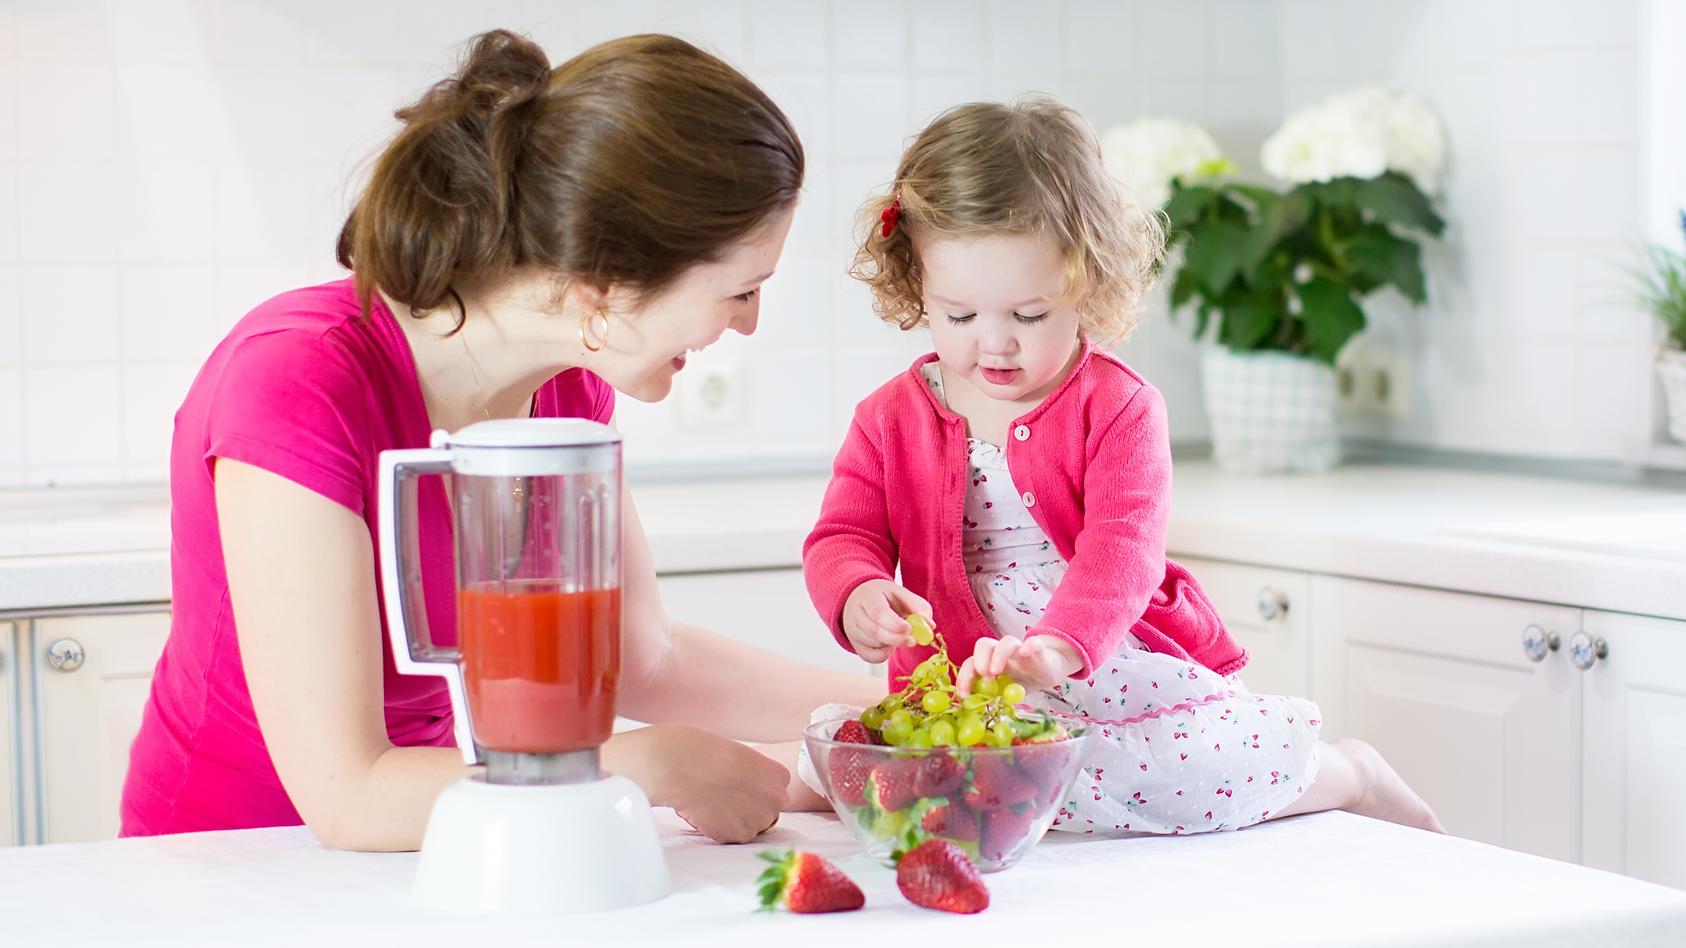 symbolbild-kindern-mussen-fruh-zur-gesunden-ernahrung-erzogen-werden